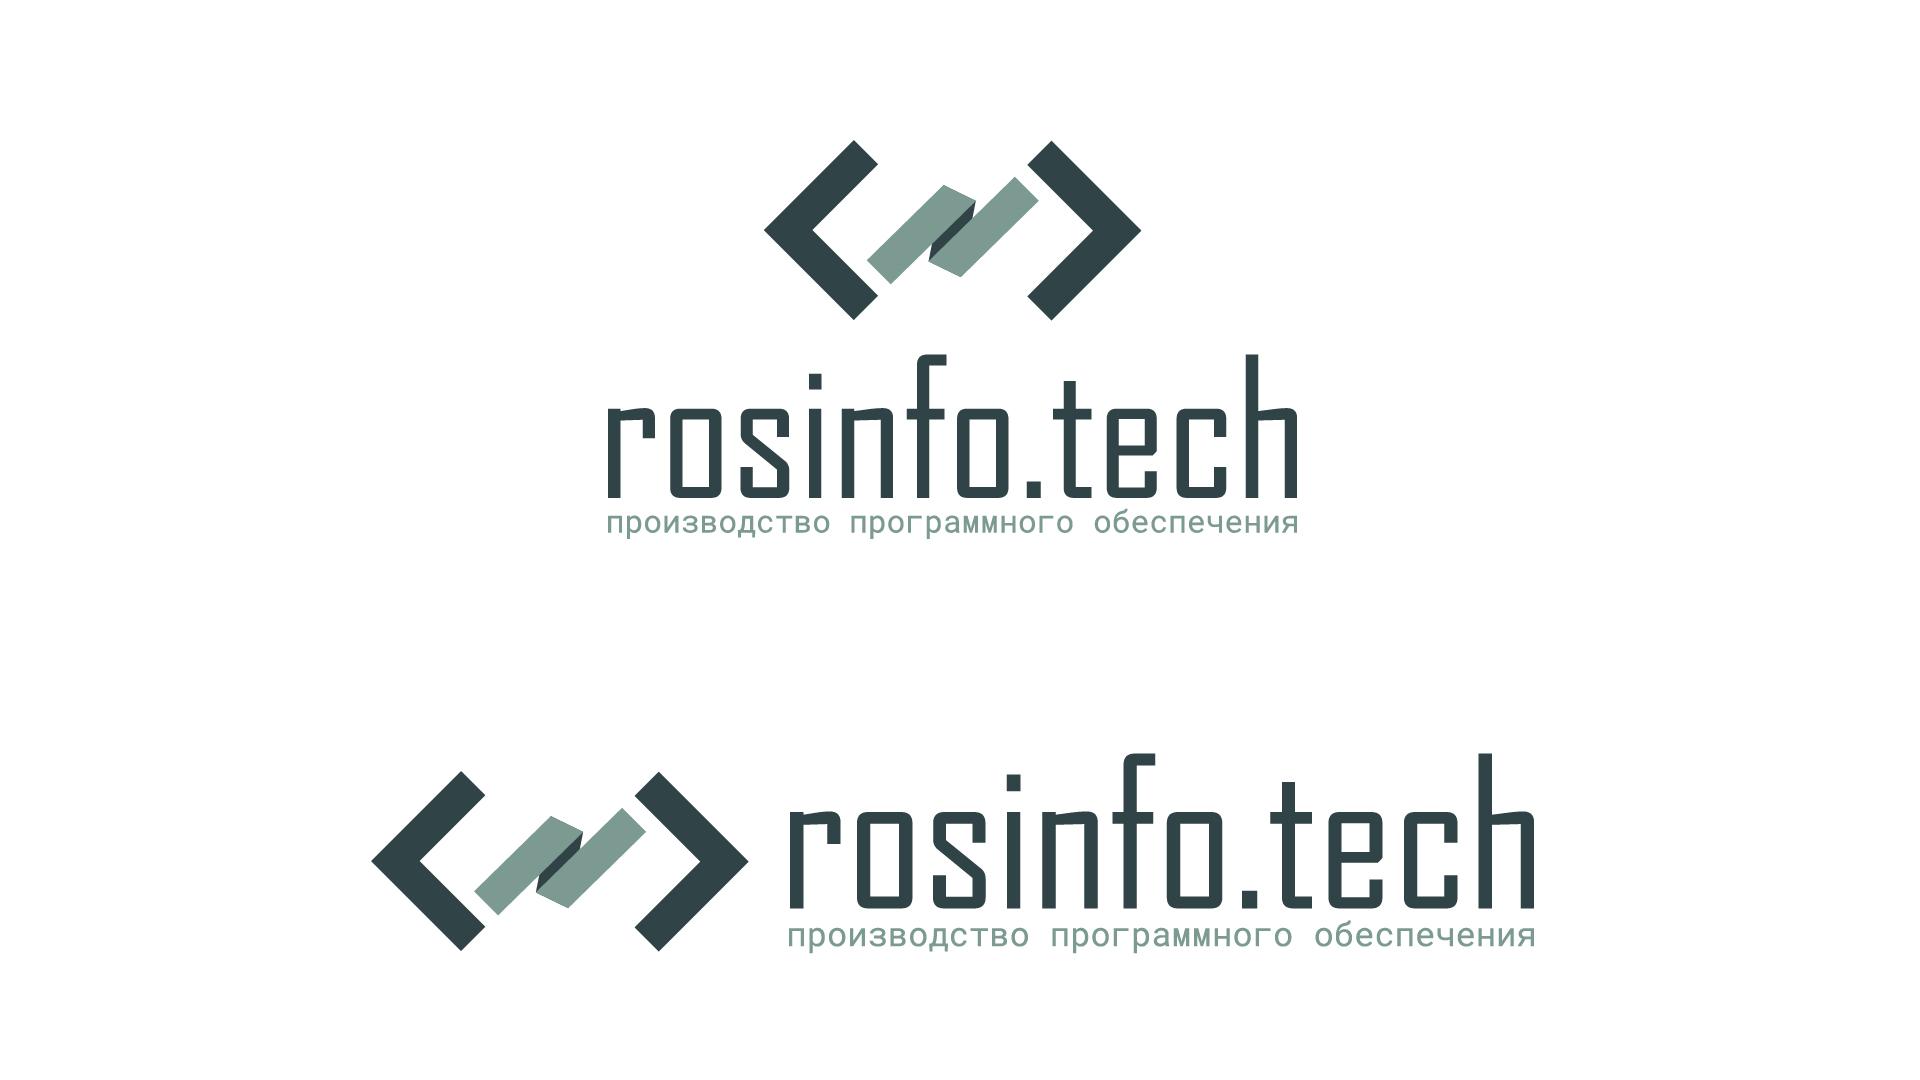 Разработка пакета айдентики rosinfo.tech фото f_5205e1d6af33ffe1.jpg